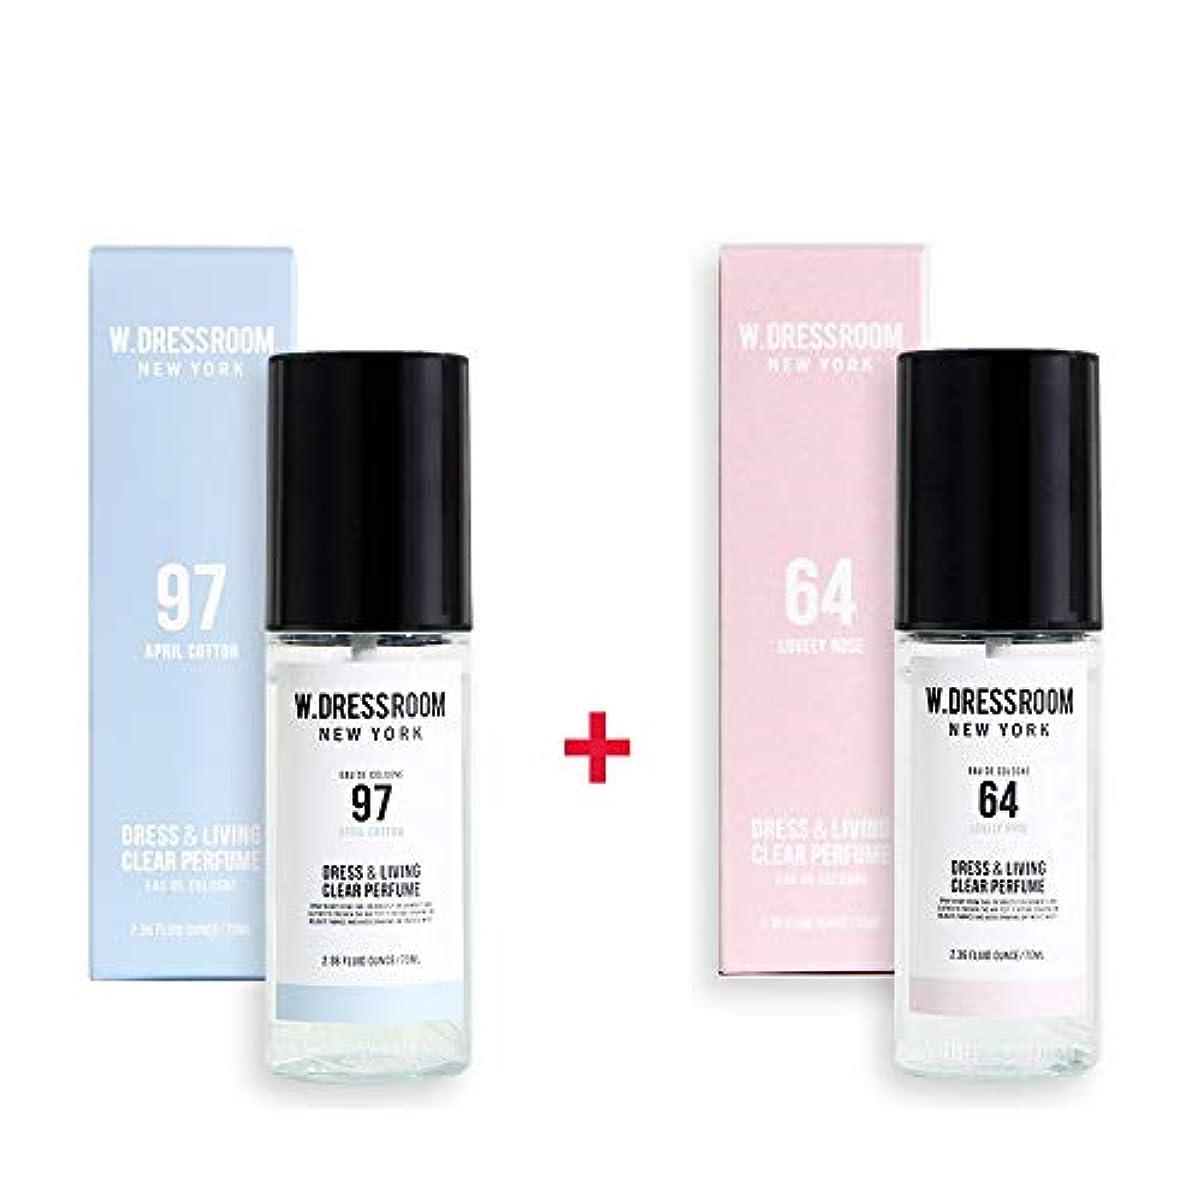 要求栄光の素朴なW.DRESSROOM Dress & Living Clear Perfume 70ml (No 97 April Cotton)+(No 64 Lovely Rose)